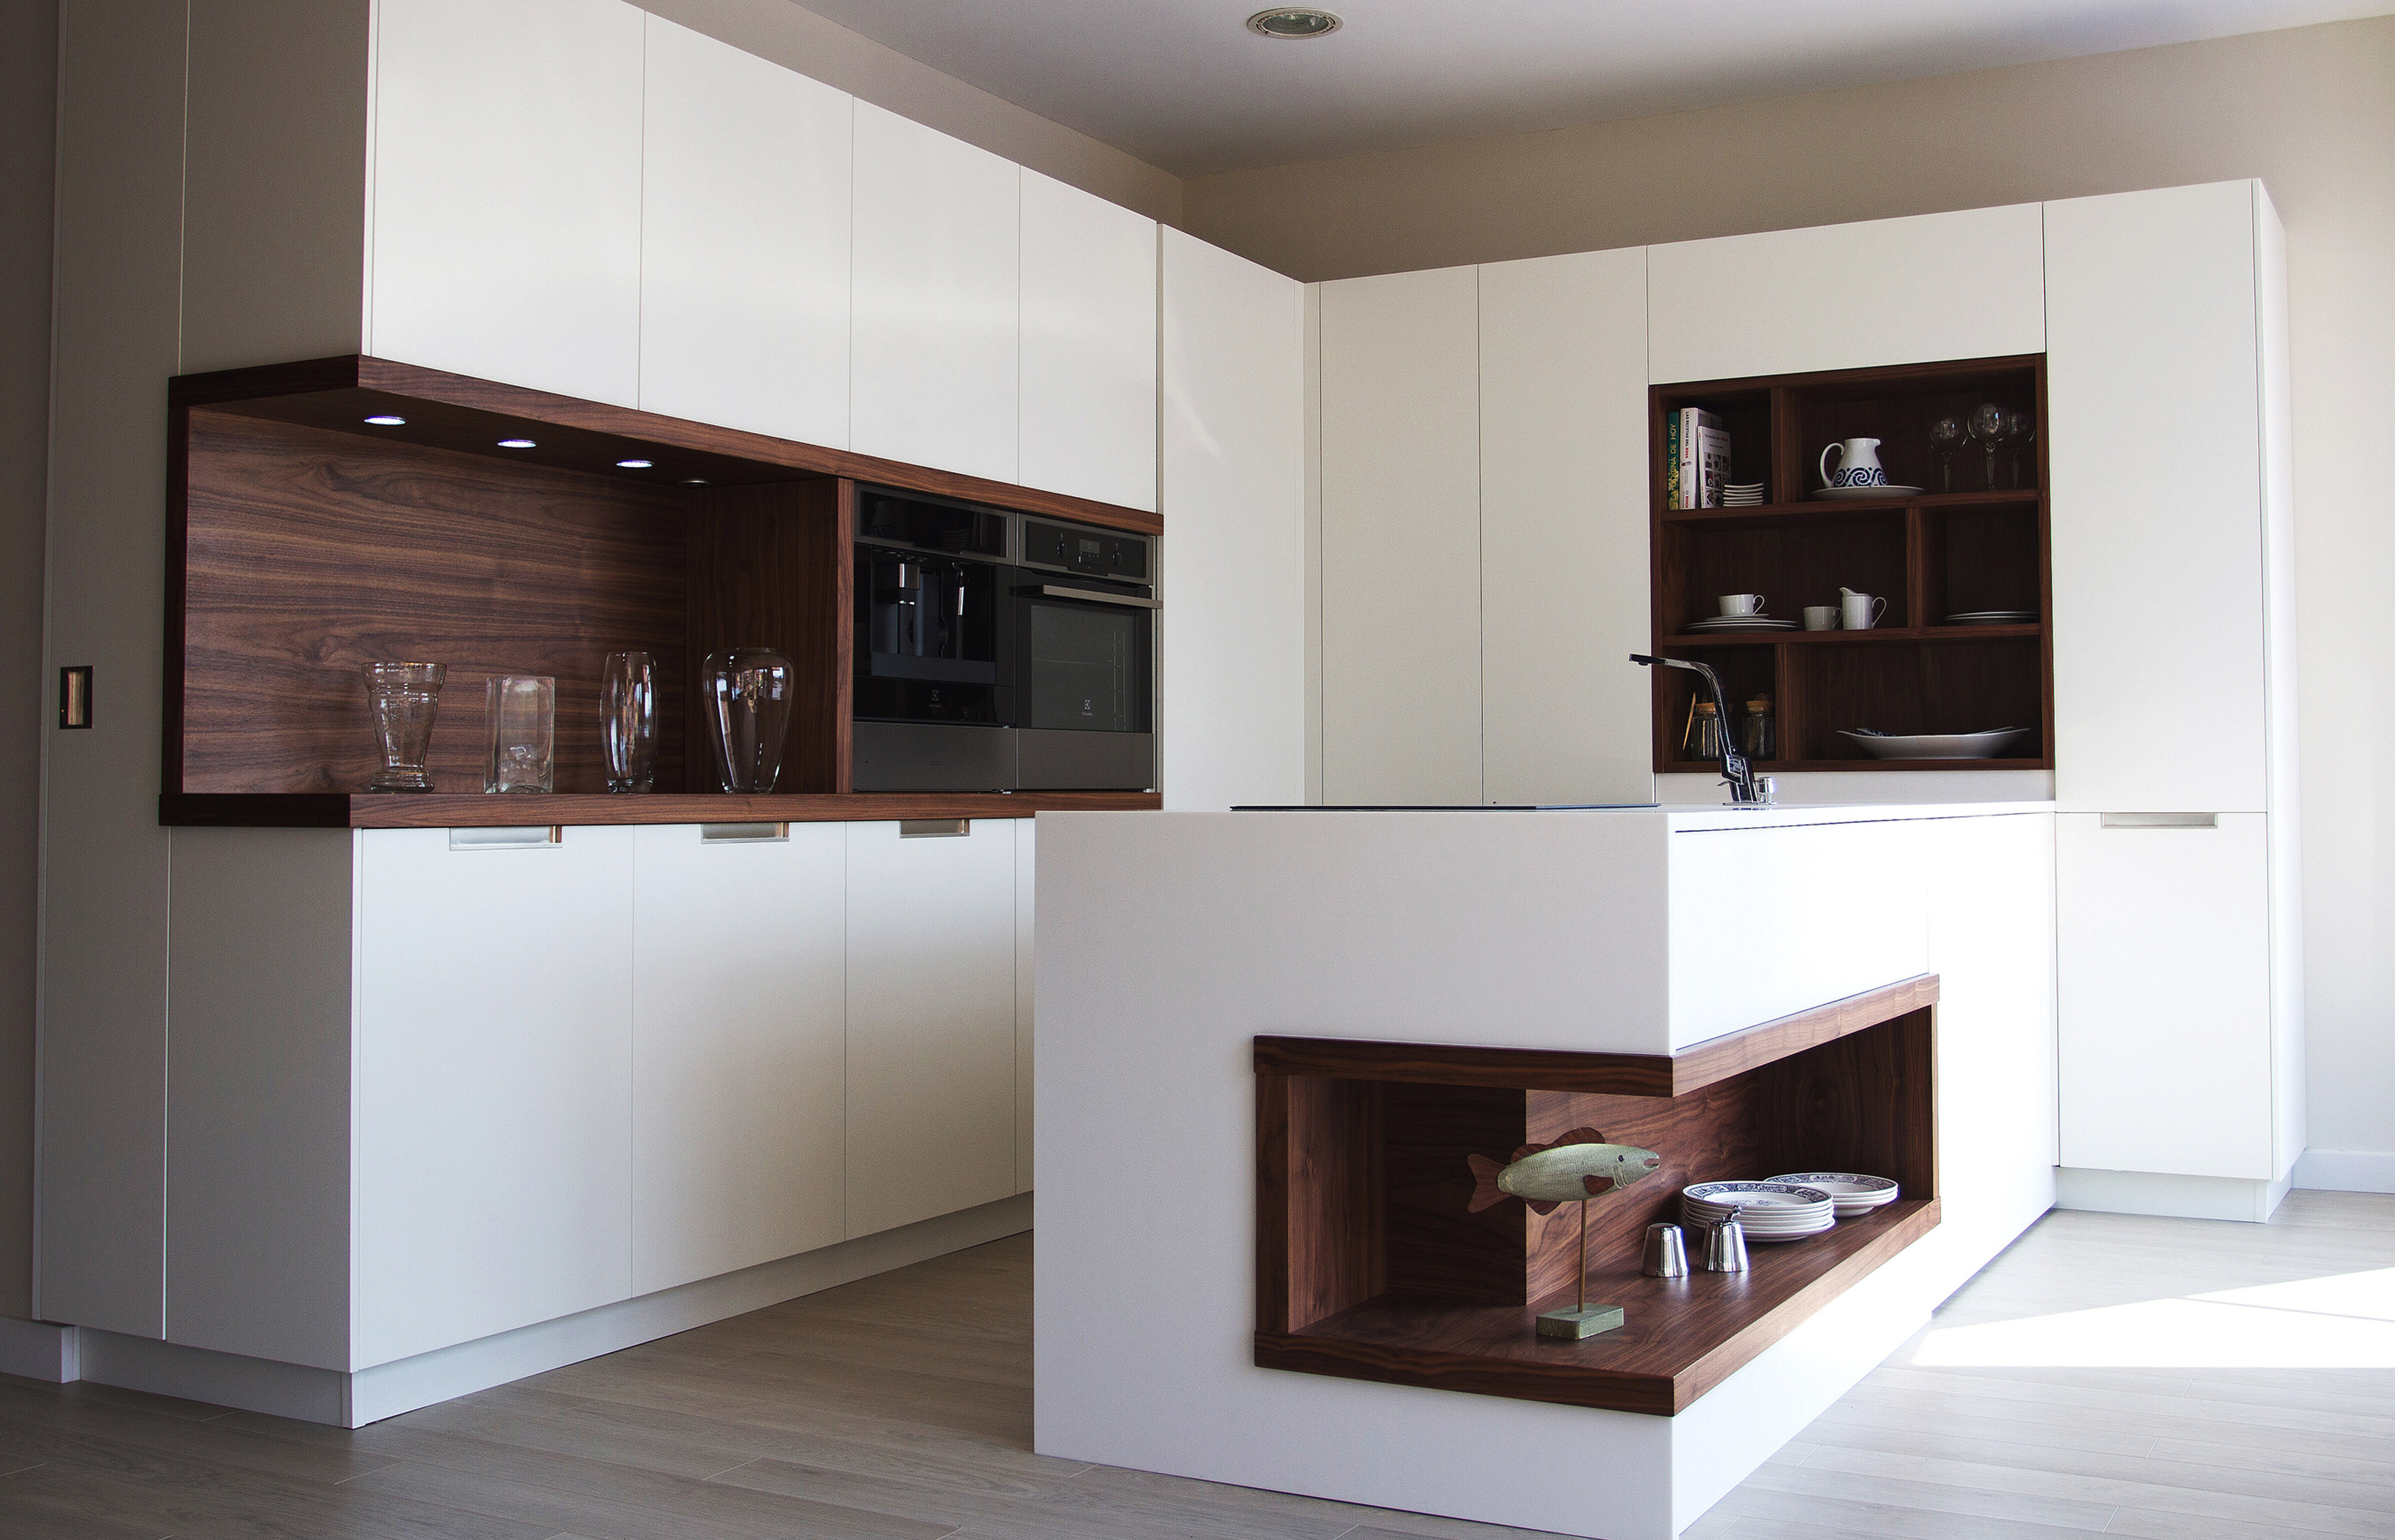 Modelo altea nogal muebles de cocina y ba o online en Muebles de cocina xey modelo alpina